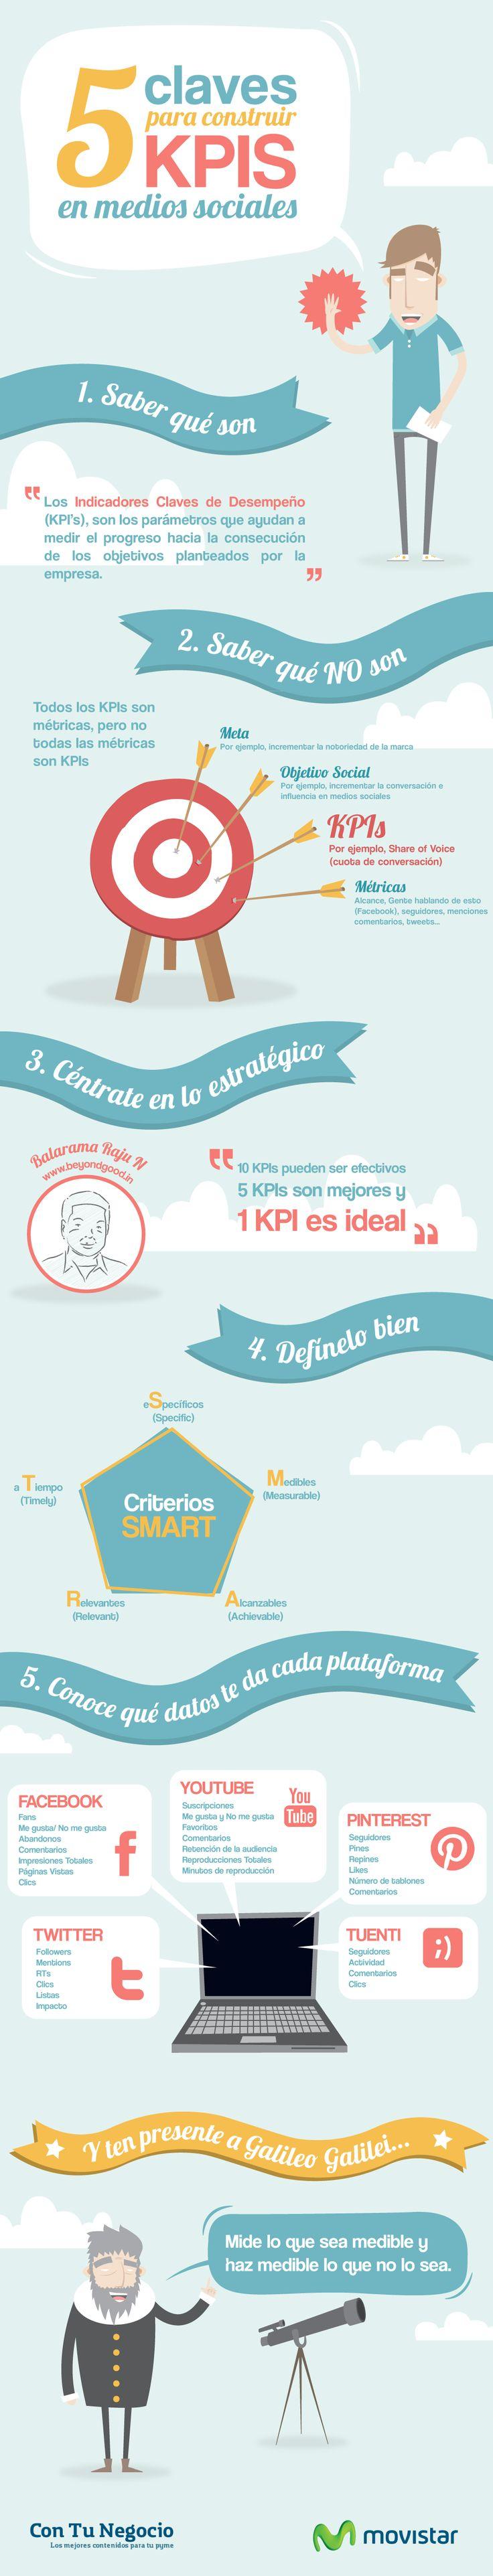 5-claves-para-construir-KPIs-en-redes-sociales-INFOGRAFIA